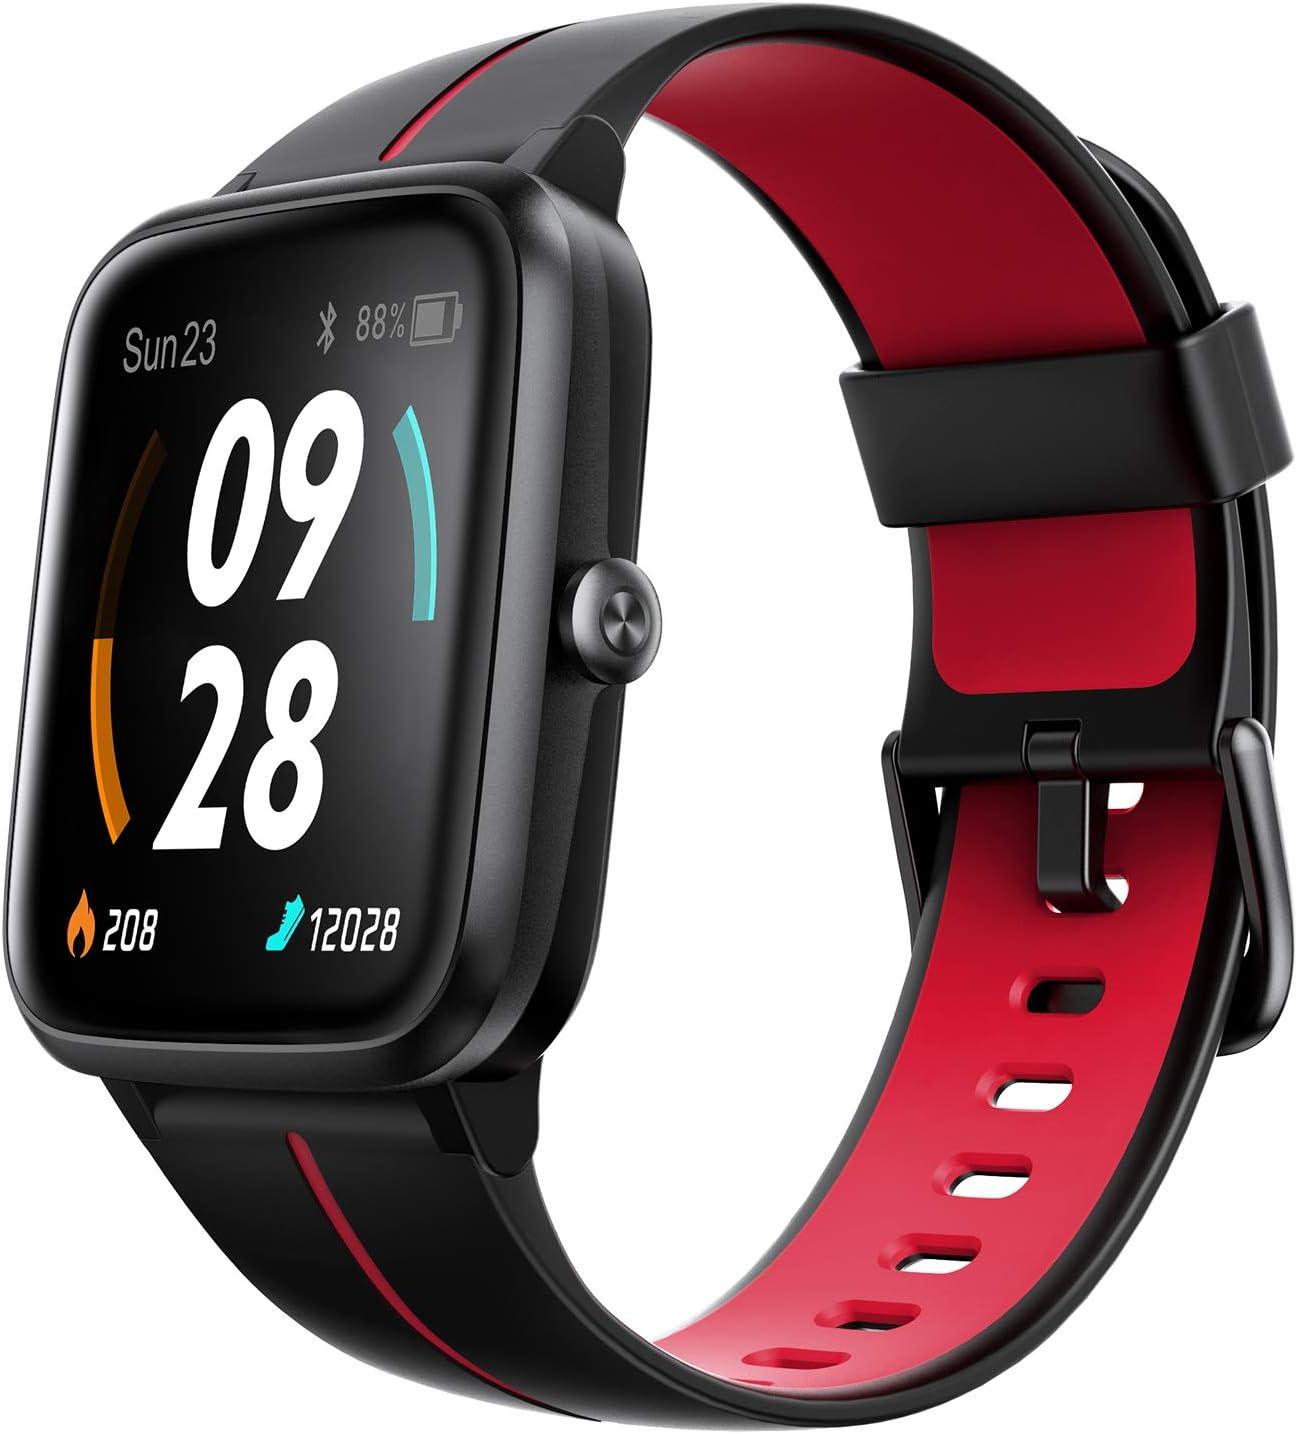 """Ulefone Watch GPS - 40 Días Duración Batería, Reloj Inteligente 5ATM Impermeable, Pantalla 1,3"""", Pulsera Actividad Deportivo, Pulsómetro, Rastreador Ejercicios Monitor Sueño para iOS Android Rojo"""